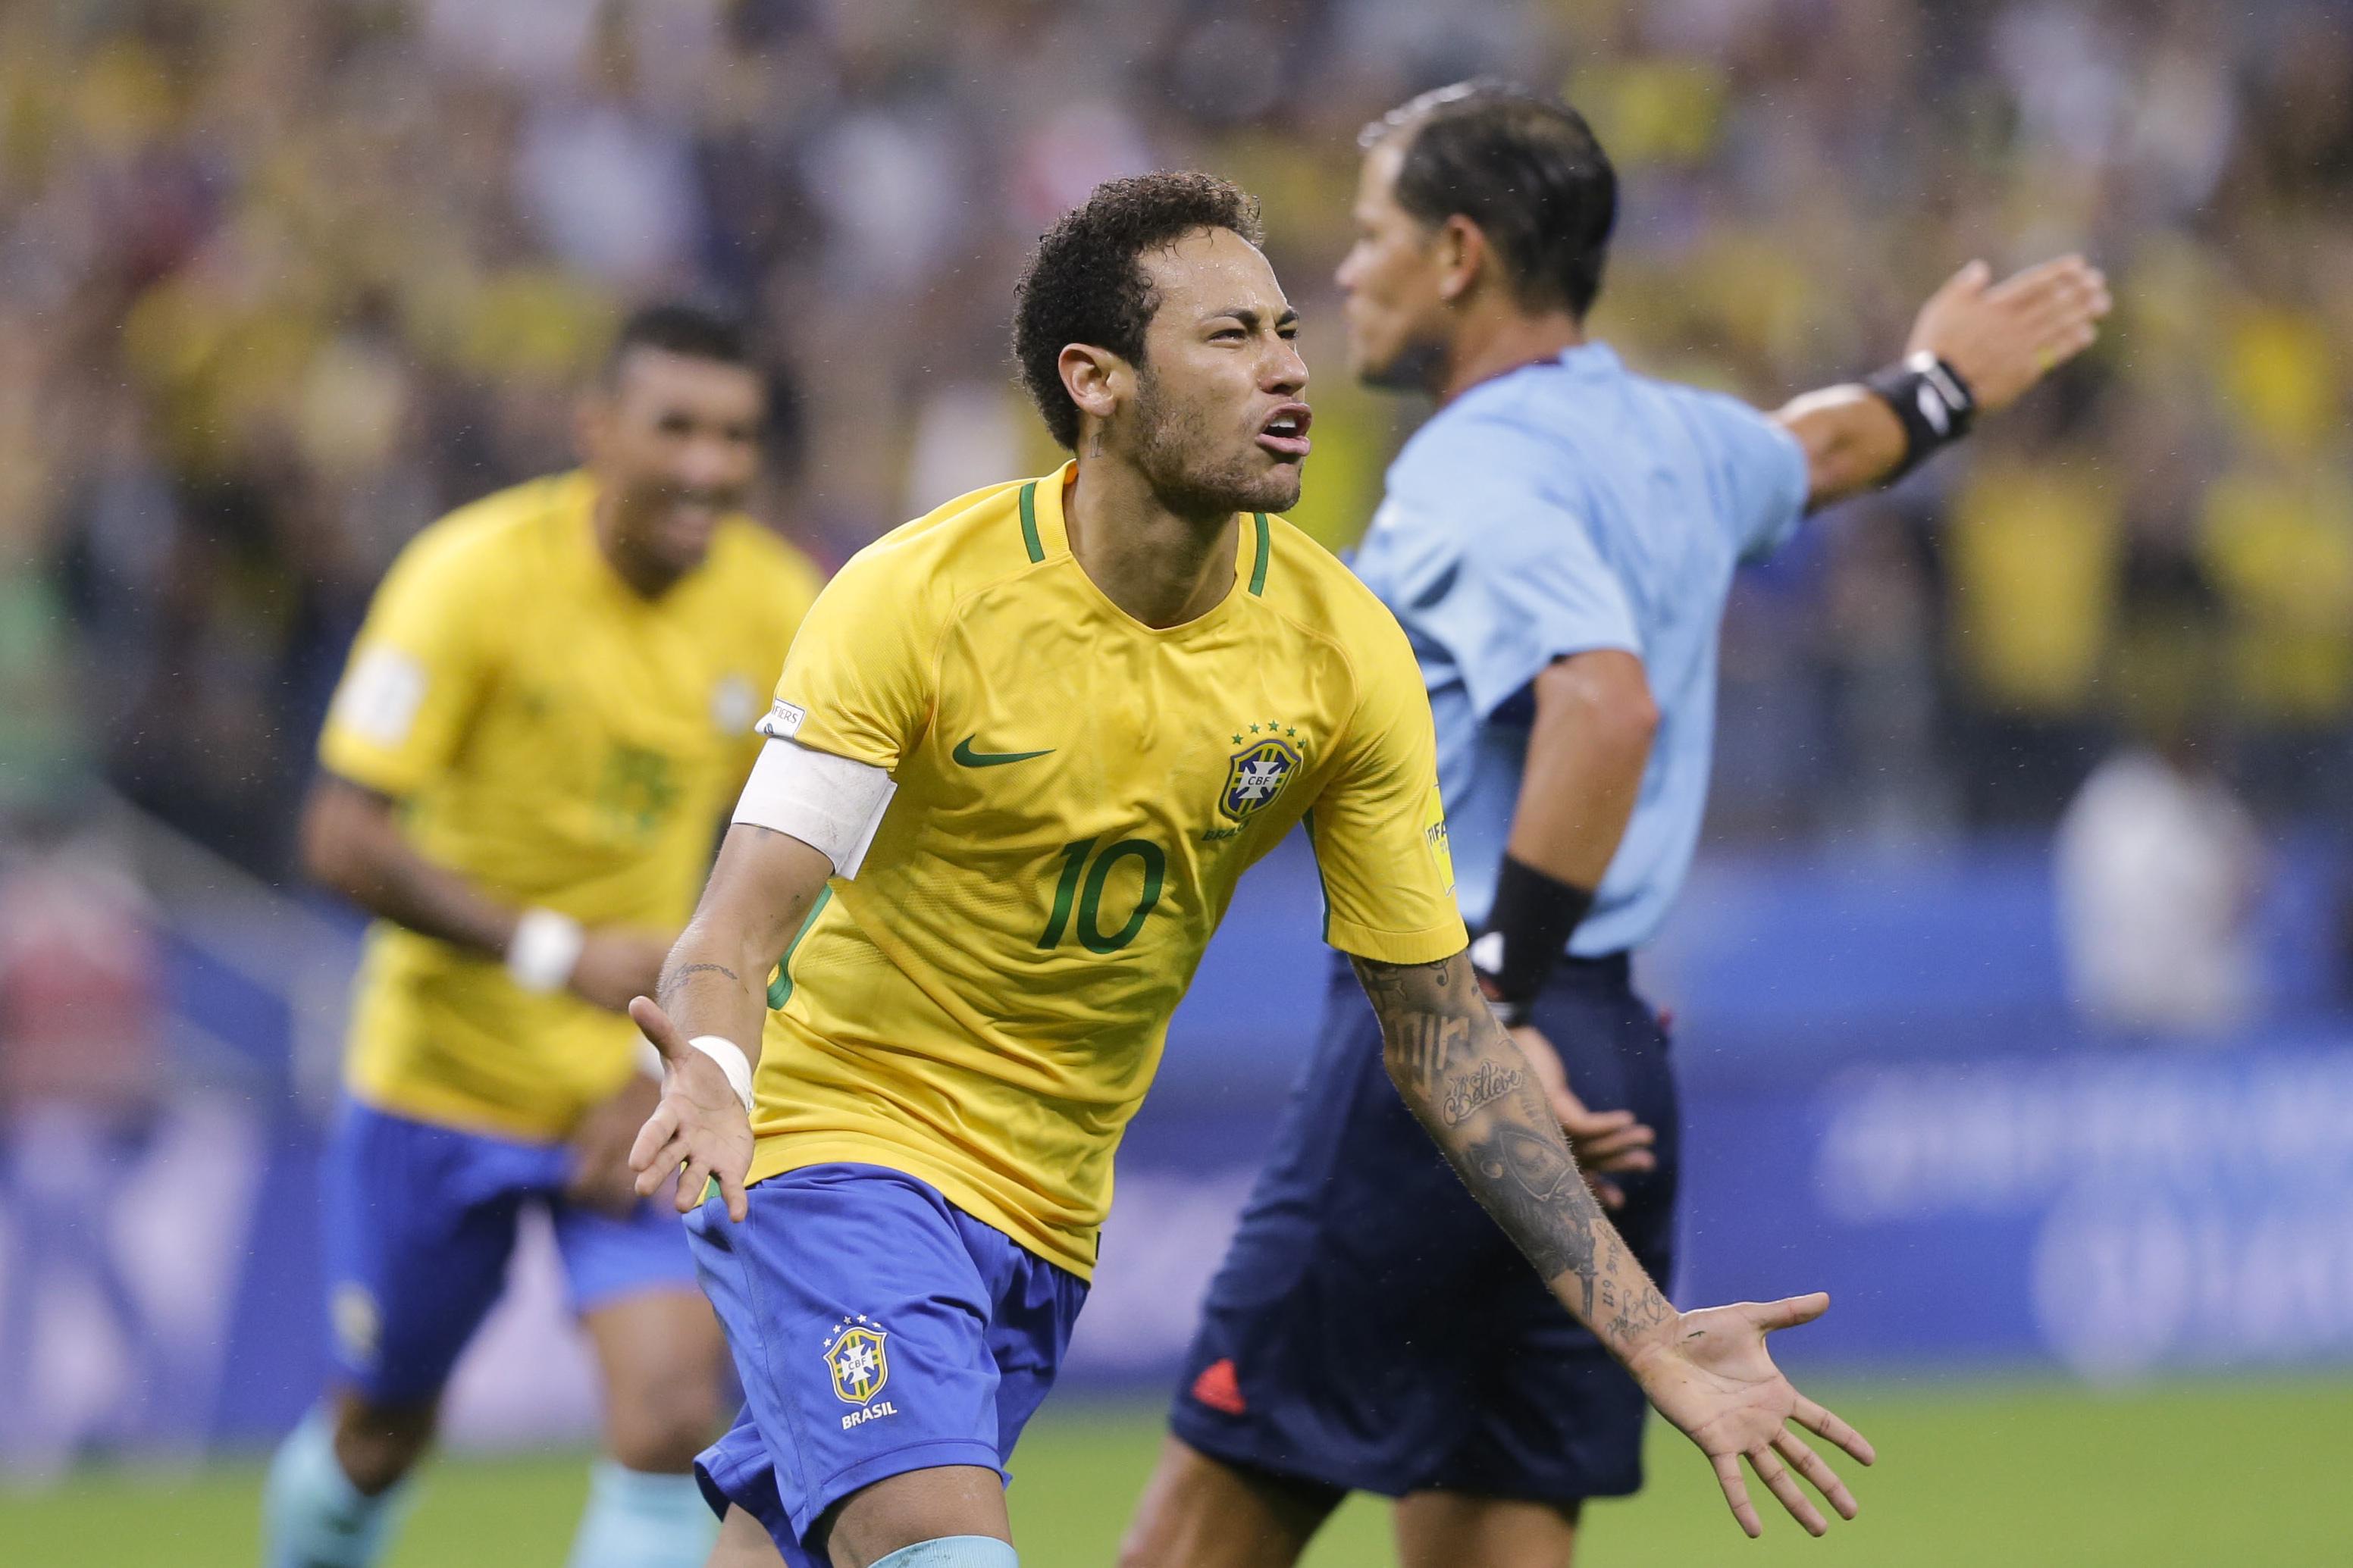 Coupe du monde 2018 le br sil d j qualifi l argentine dans le dur russie 2018 coupe du - Equipe argentine coupe du monde 2014 ...